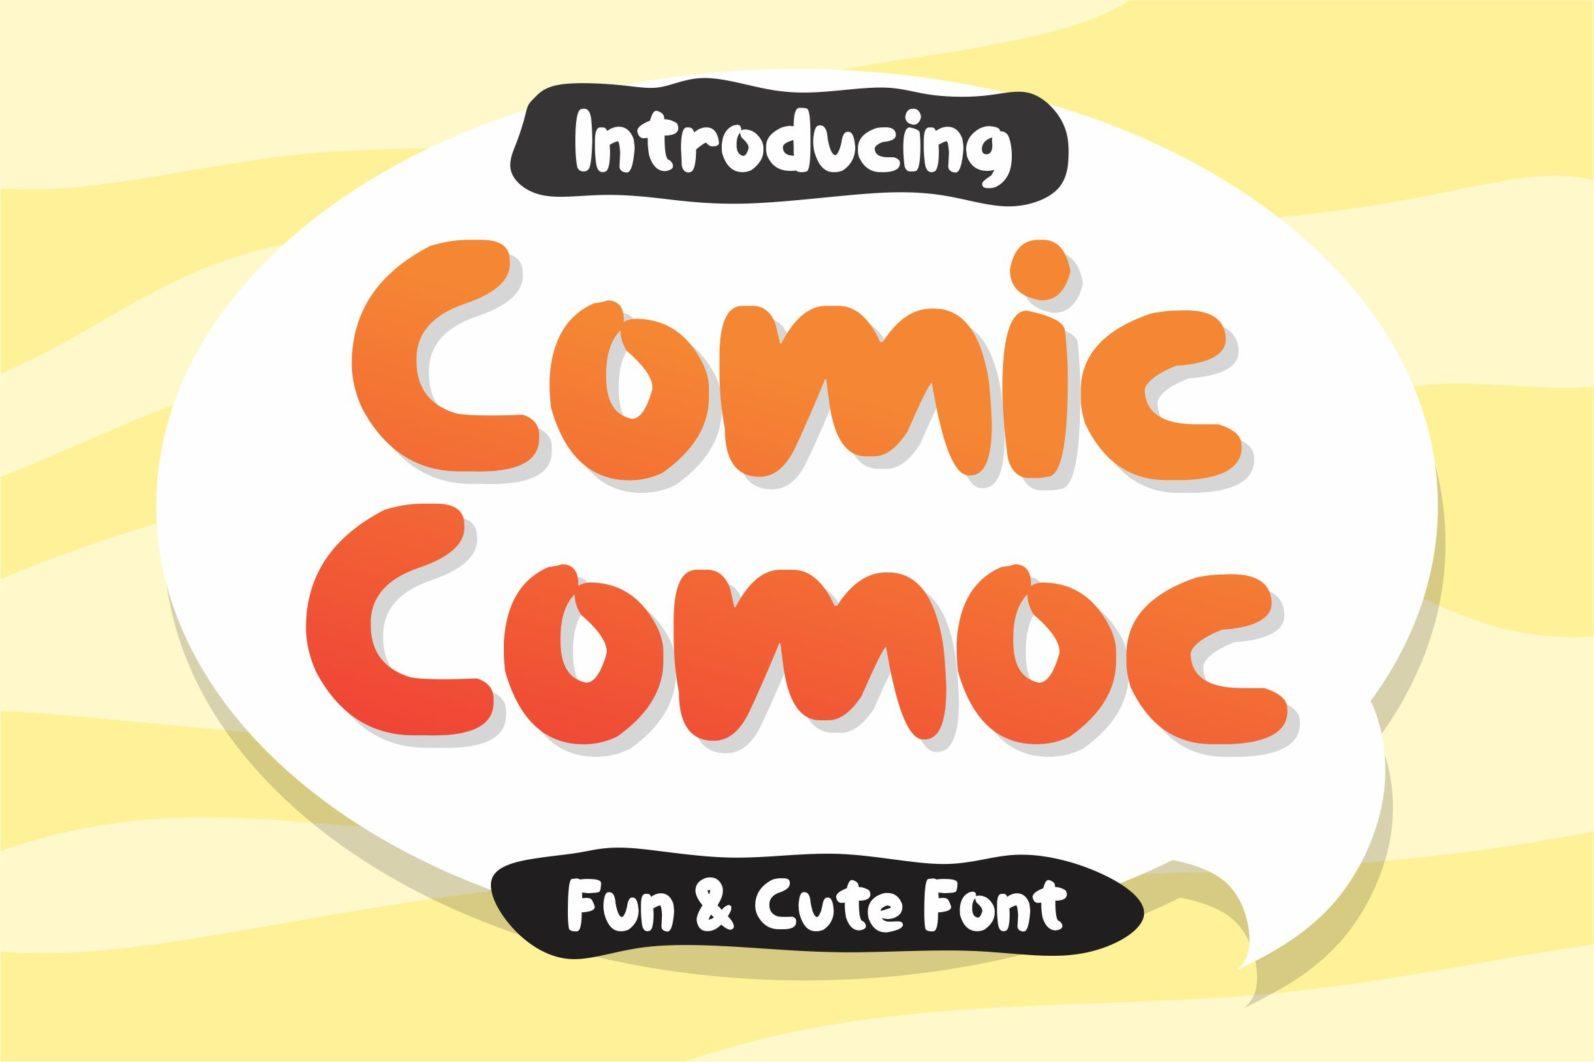 Fabulous Crafting Font Bundle - introducing -